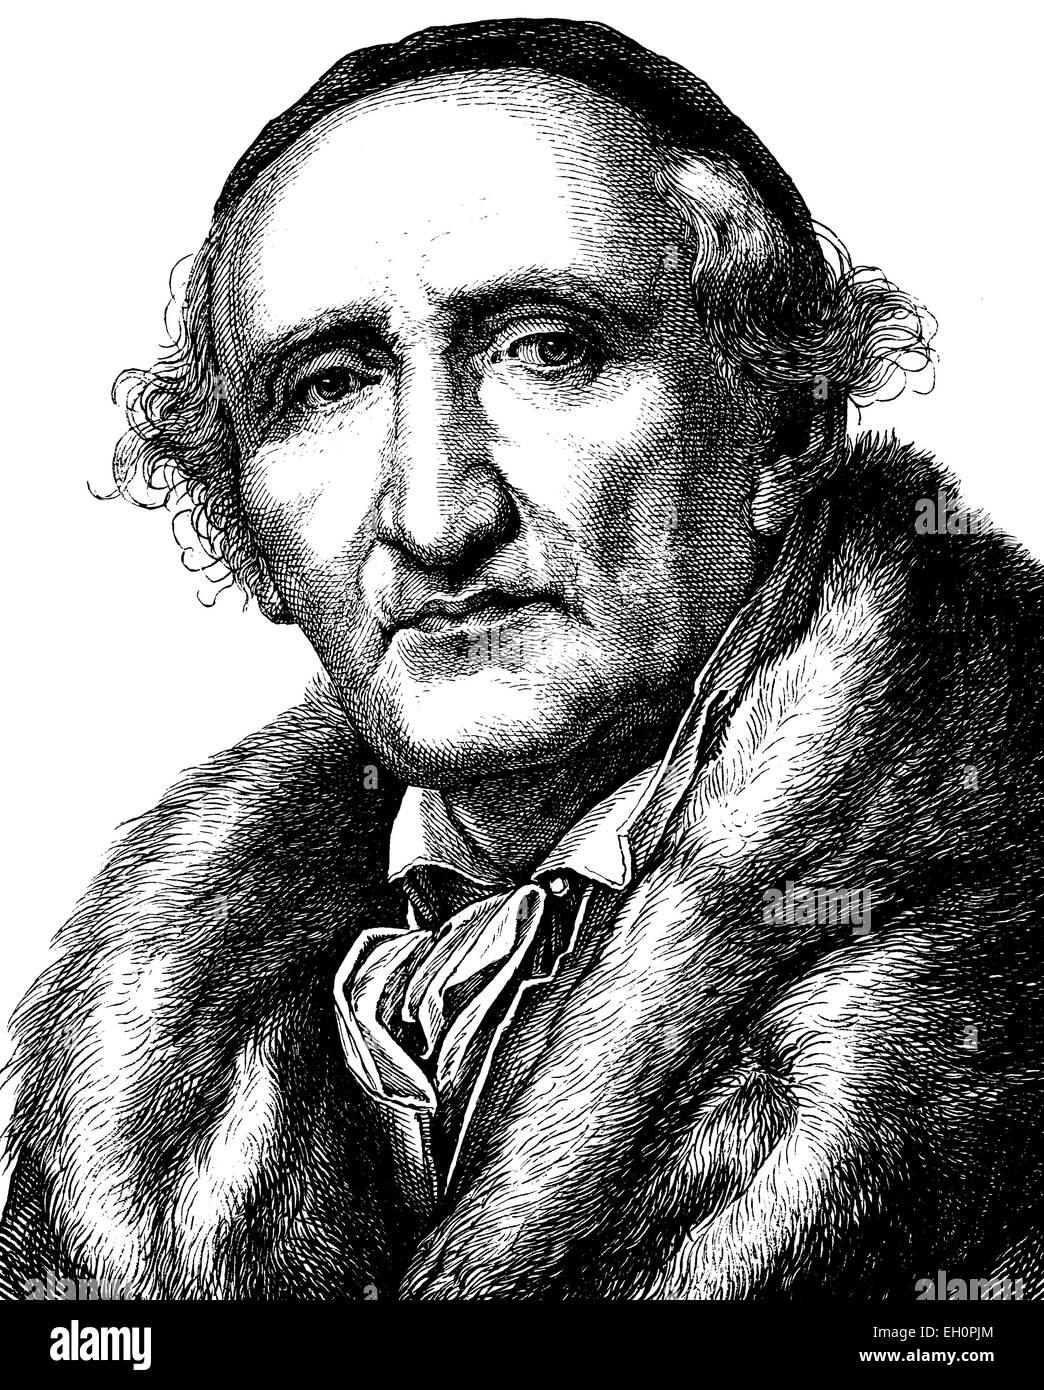 Verbesserte Digitalbild von Johann Gottfried Schadow, 1764-1850, Portrait, historische Abbildung, 1880 Stockfoto